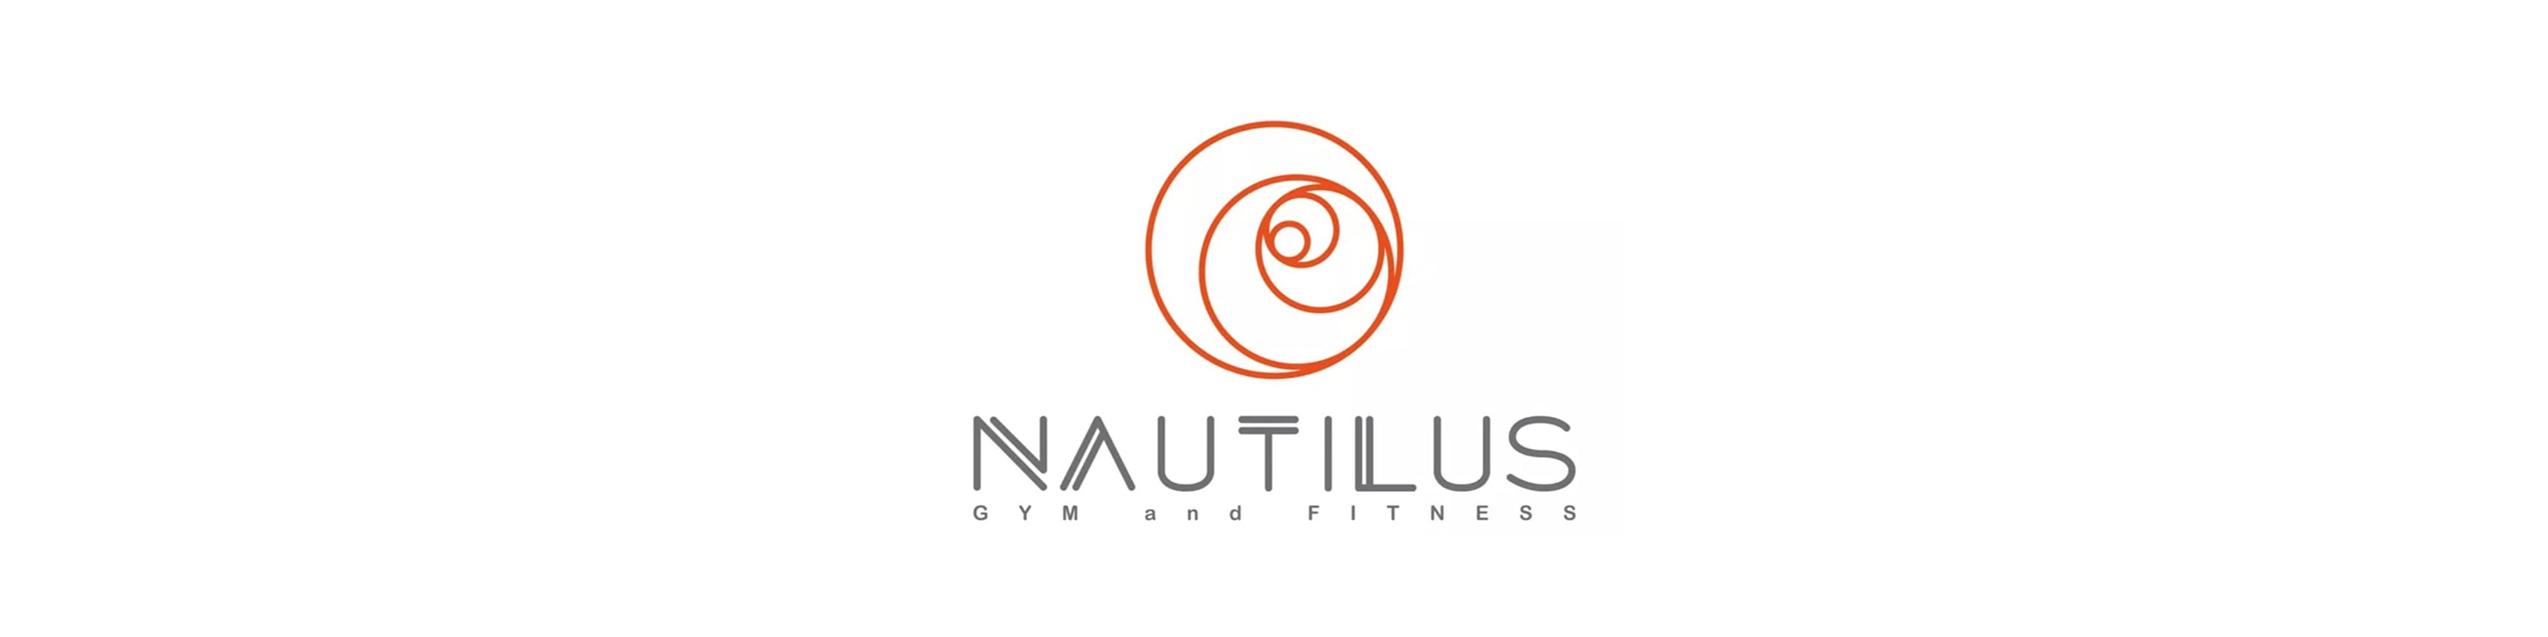 Logo nautilius 1 1